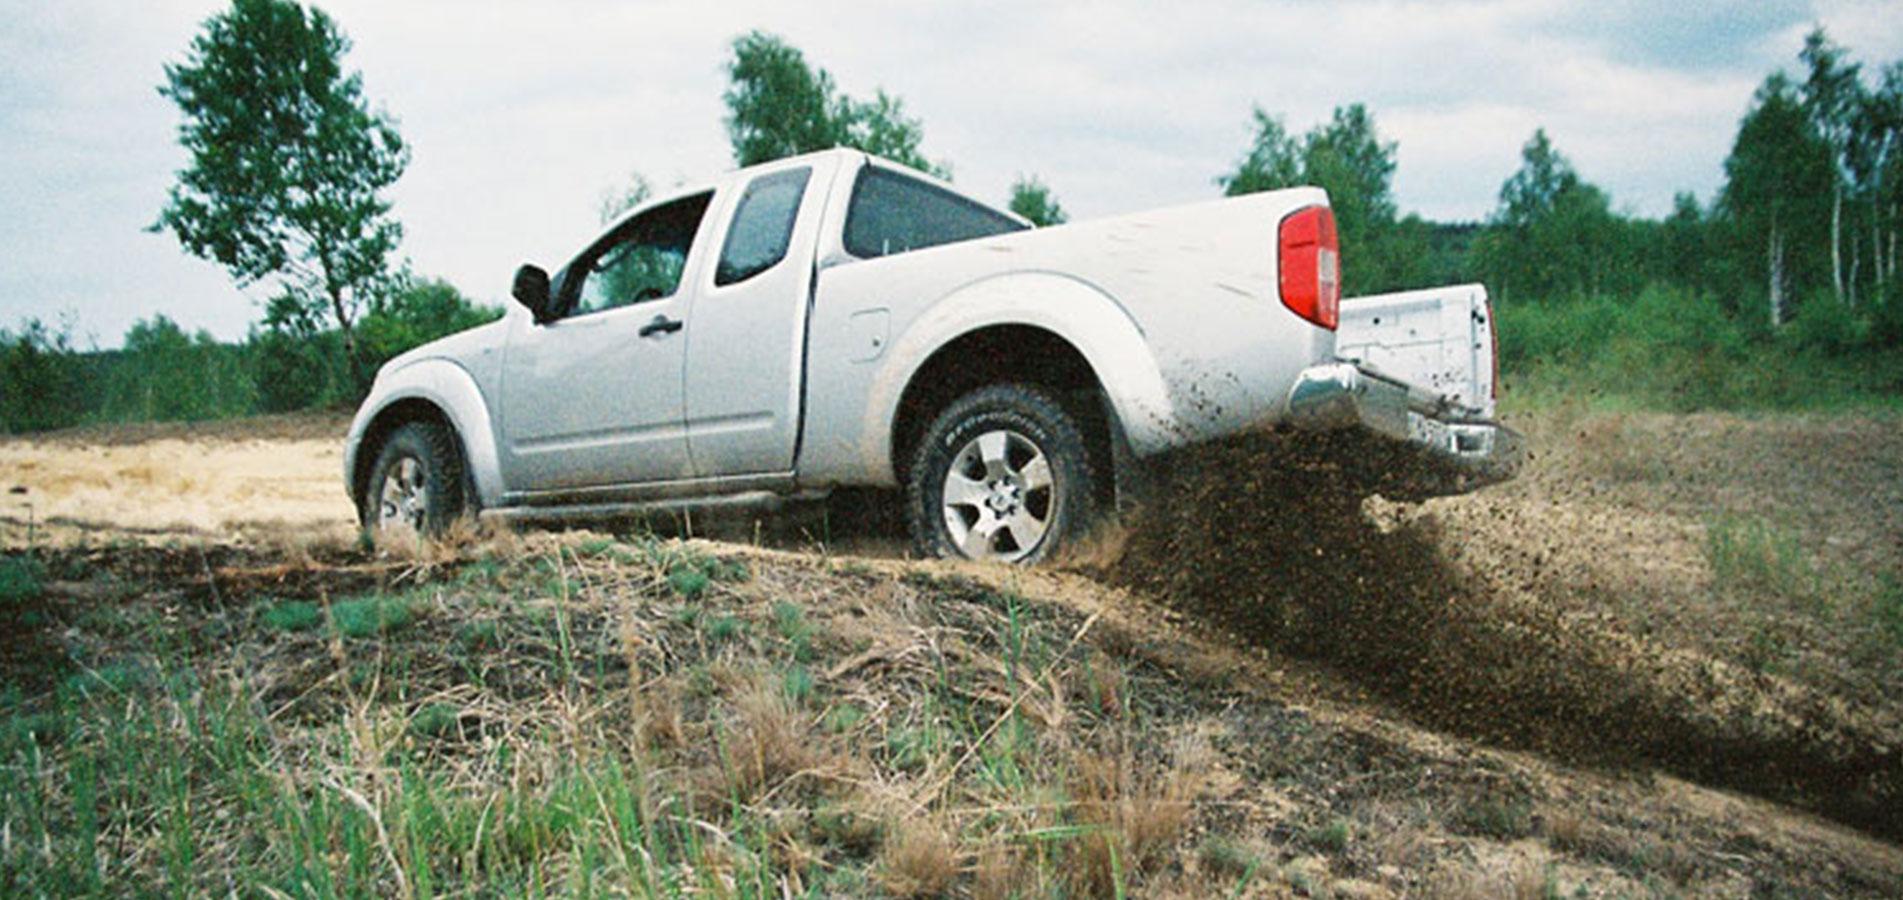 Pick-up im Gelände